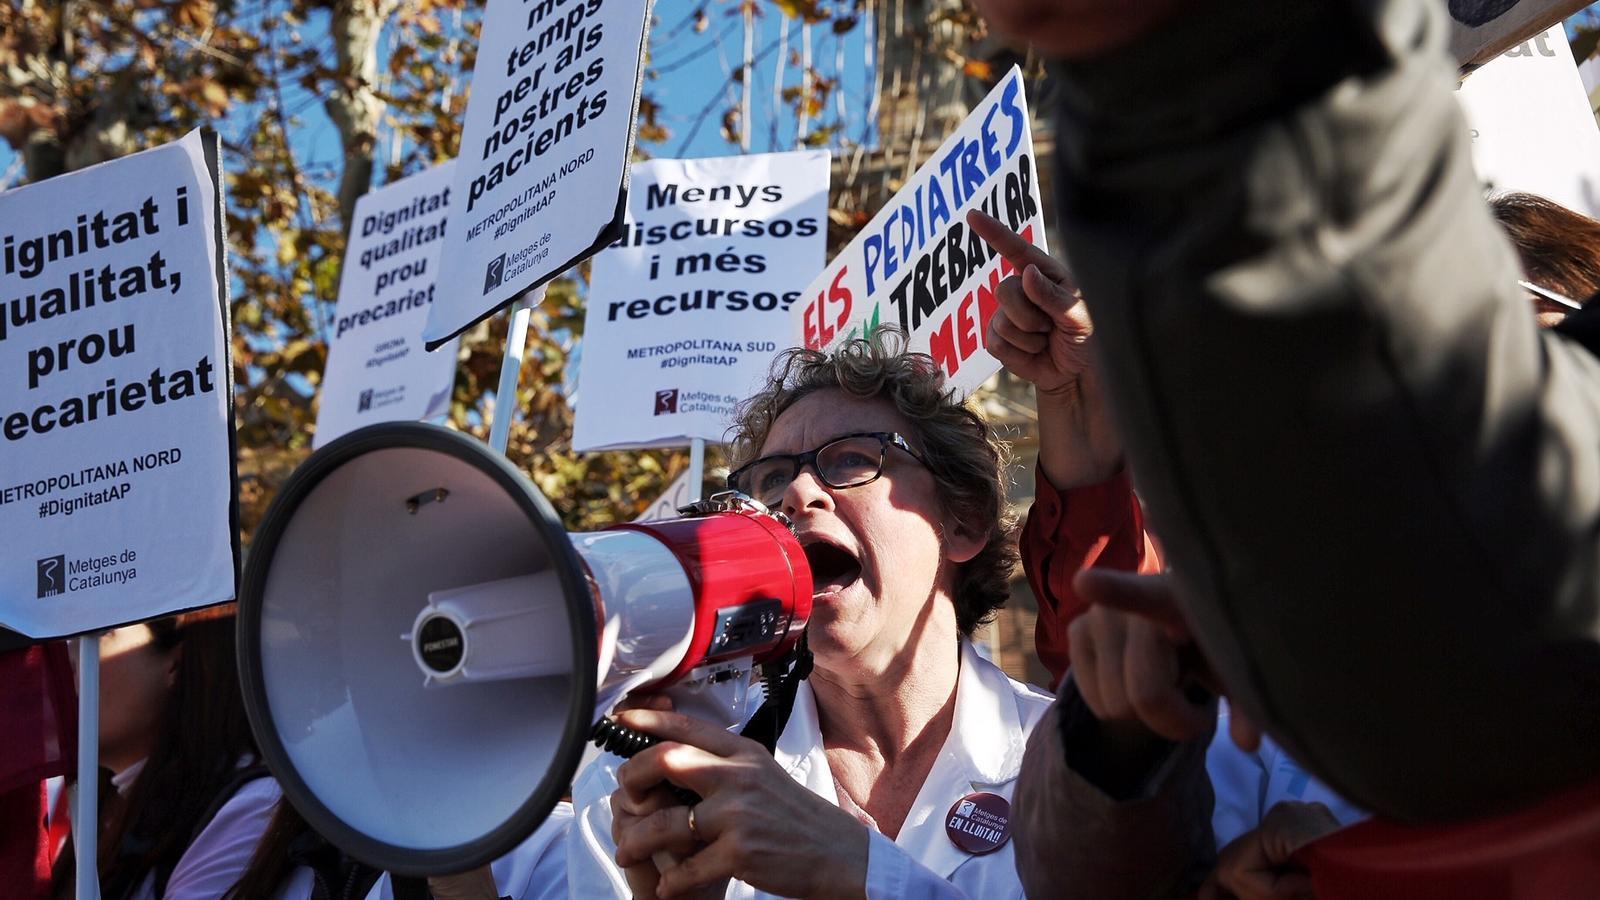 Es reprenen les negociacions per aturar la vaga a l'atenció primària